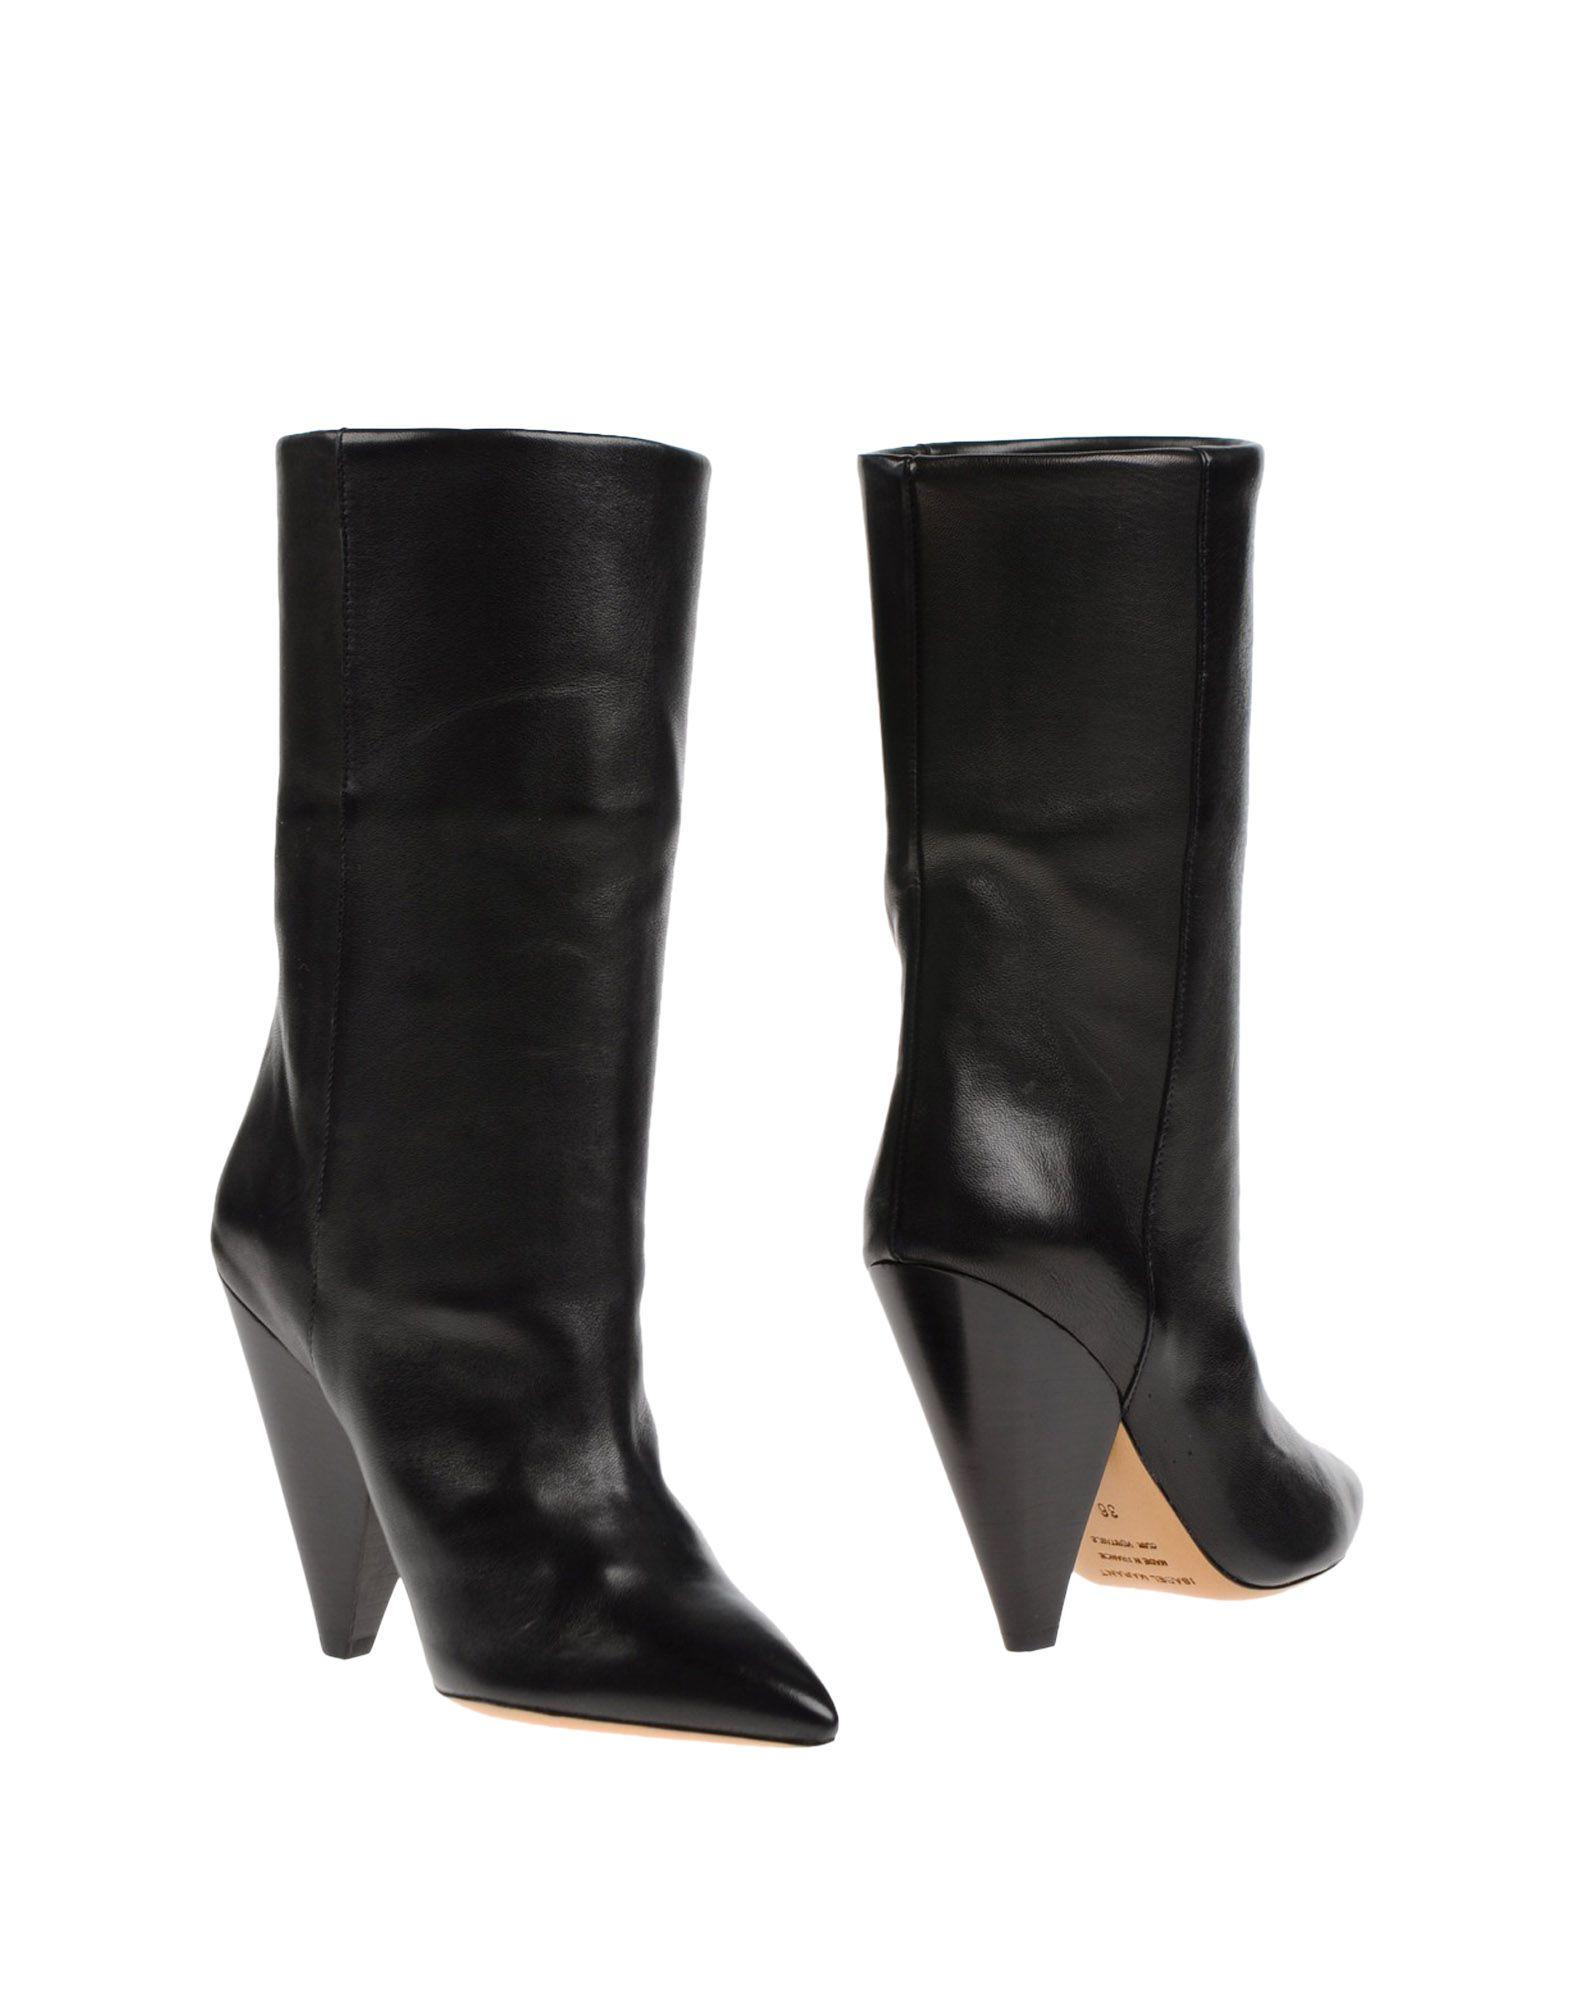 Isabel 11218054OFGünstige Marant Stiefelette Damen  11218054OFGünstige Isabel gut aussehende Schuhe 2357a7